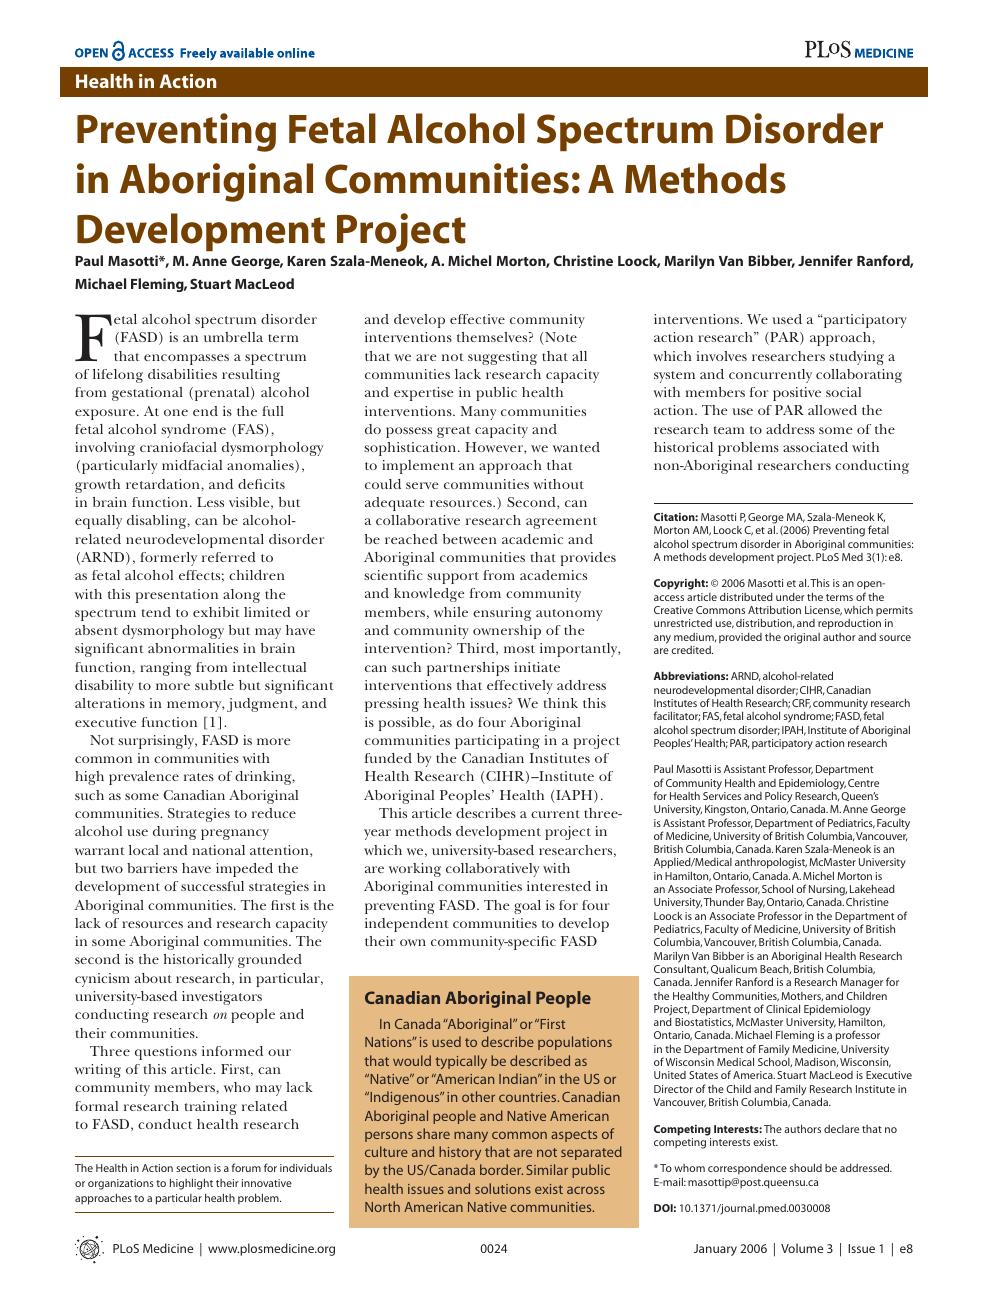 Preventing Fetal Alcohol Spectrum Disorder in Aboriginal